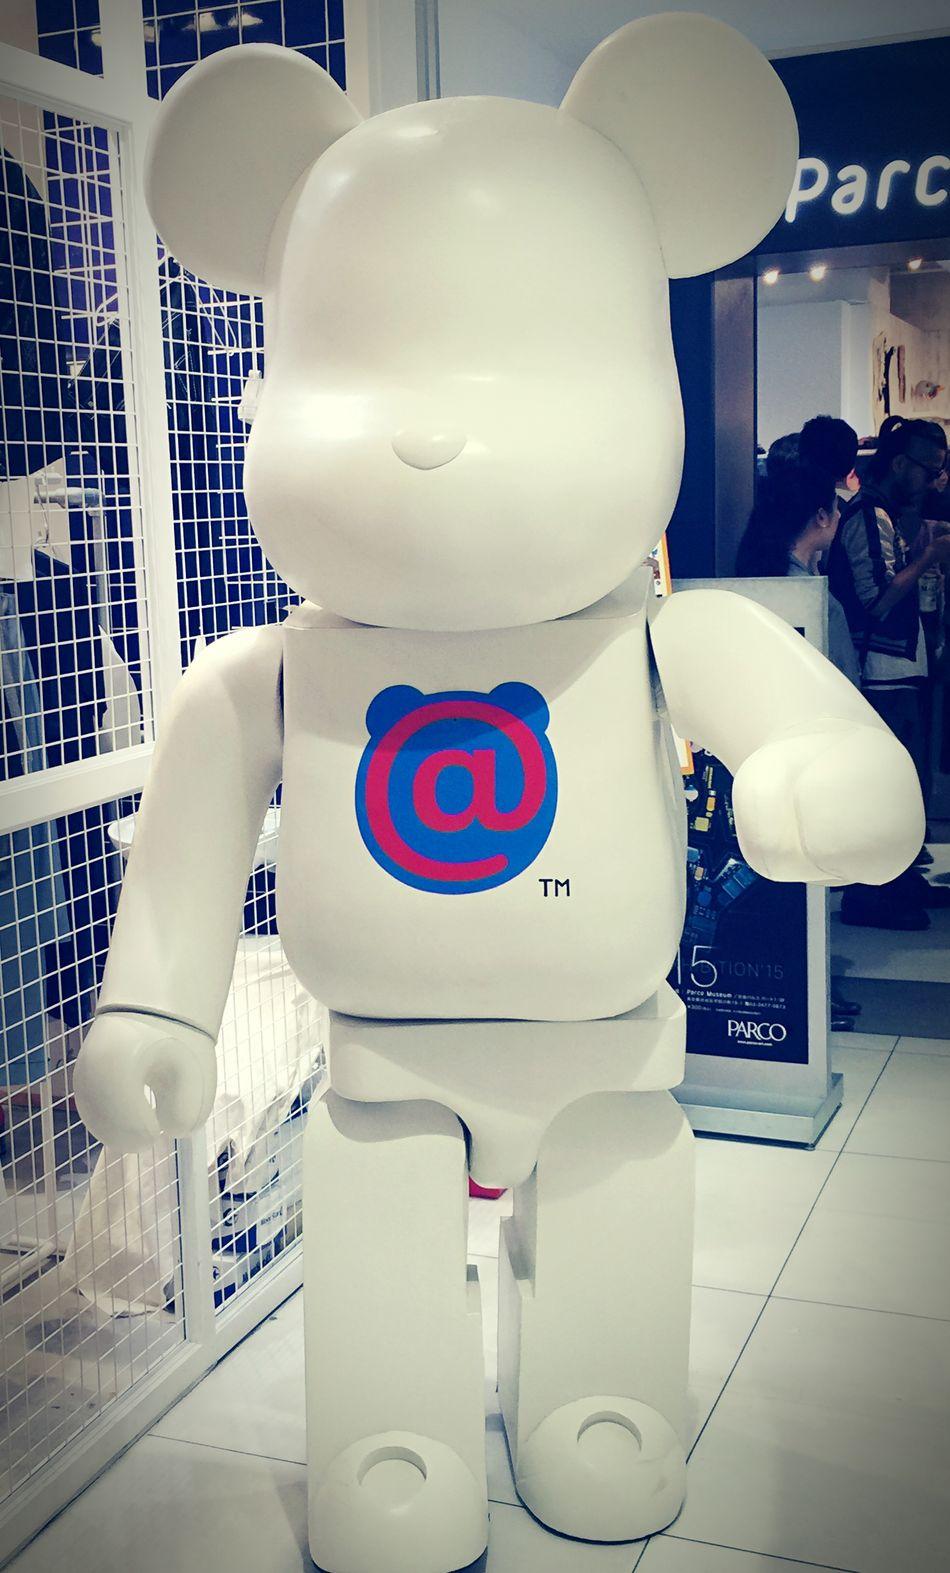 巨大 Be@rbrick at the Medicom pop-up gallery